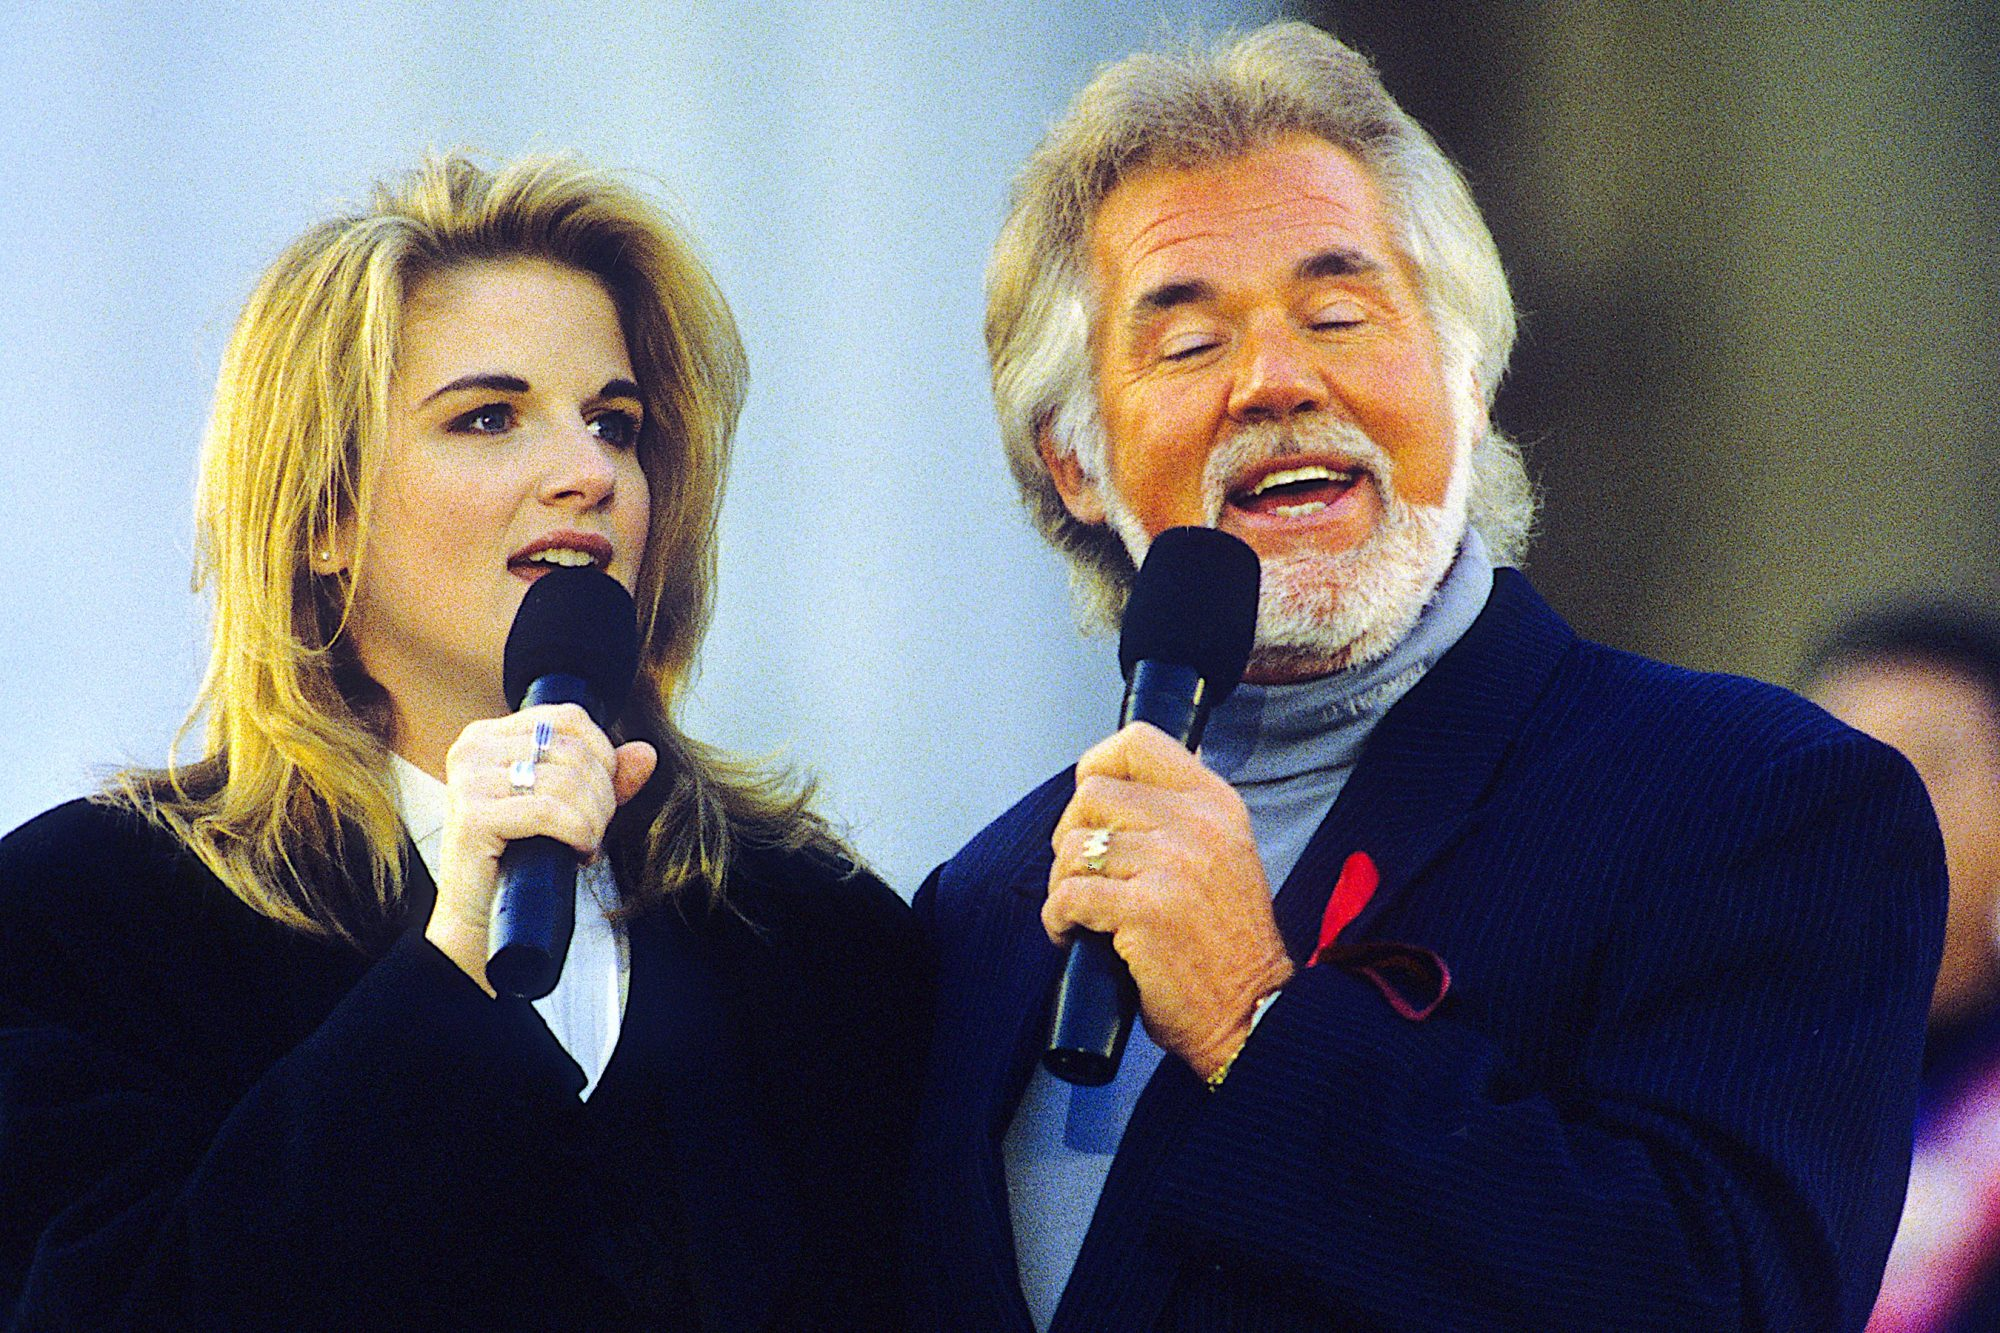 Keny Rogers performs at Clinton Inaugural Gala